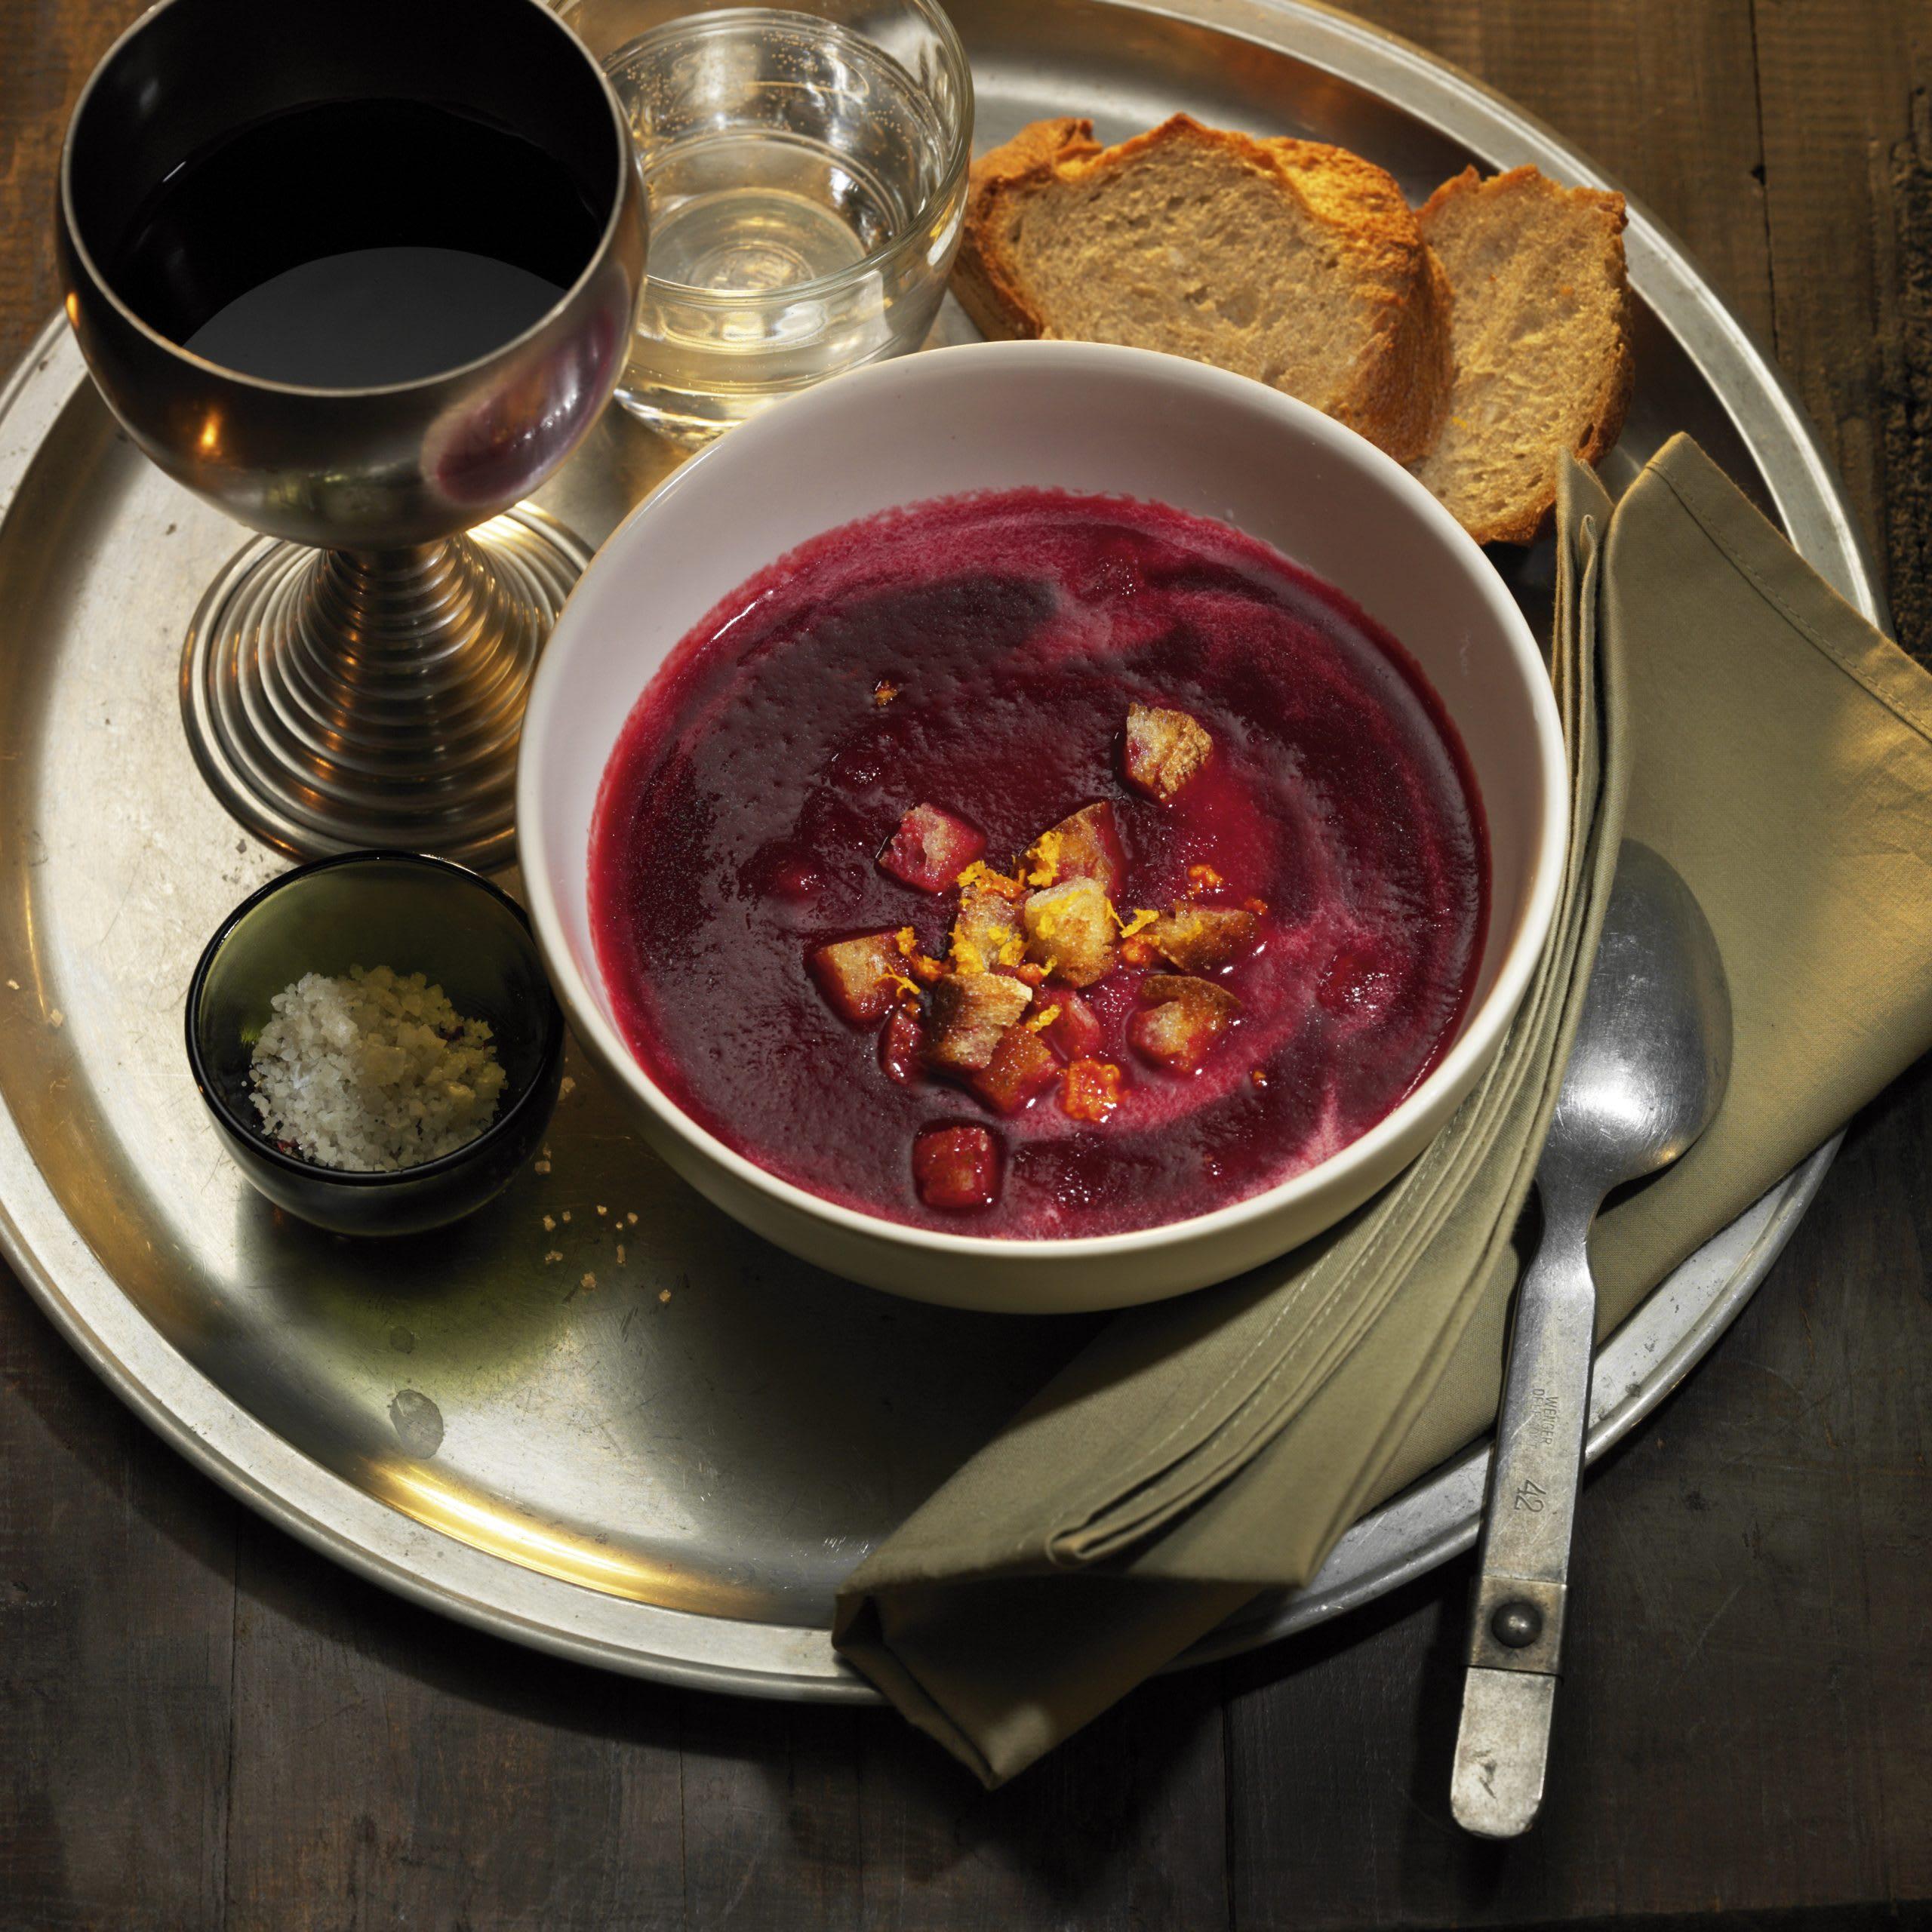 Randen-Orangen-Suppe